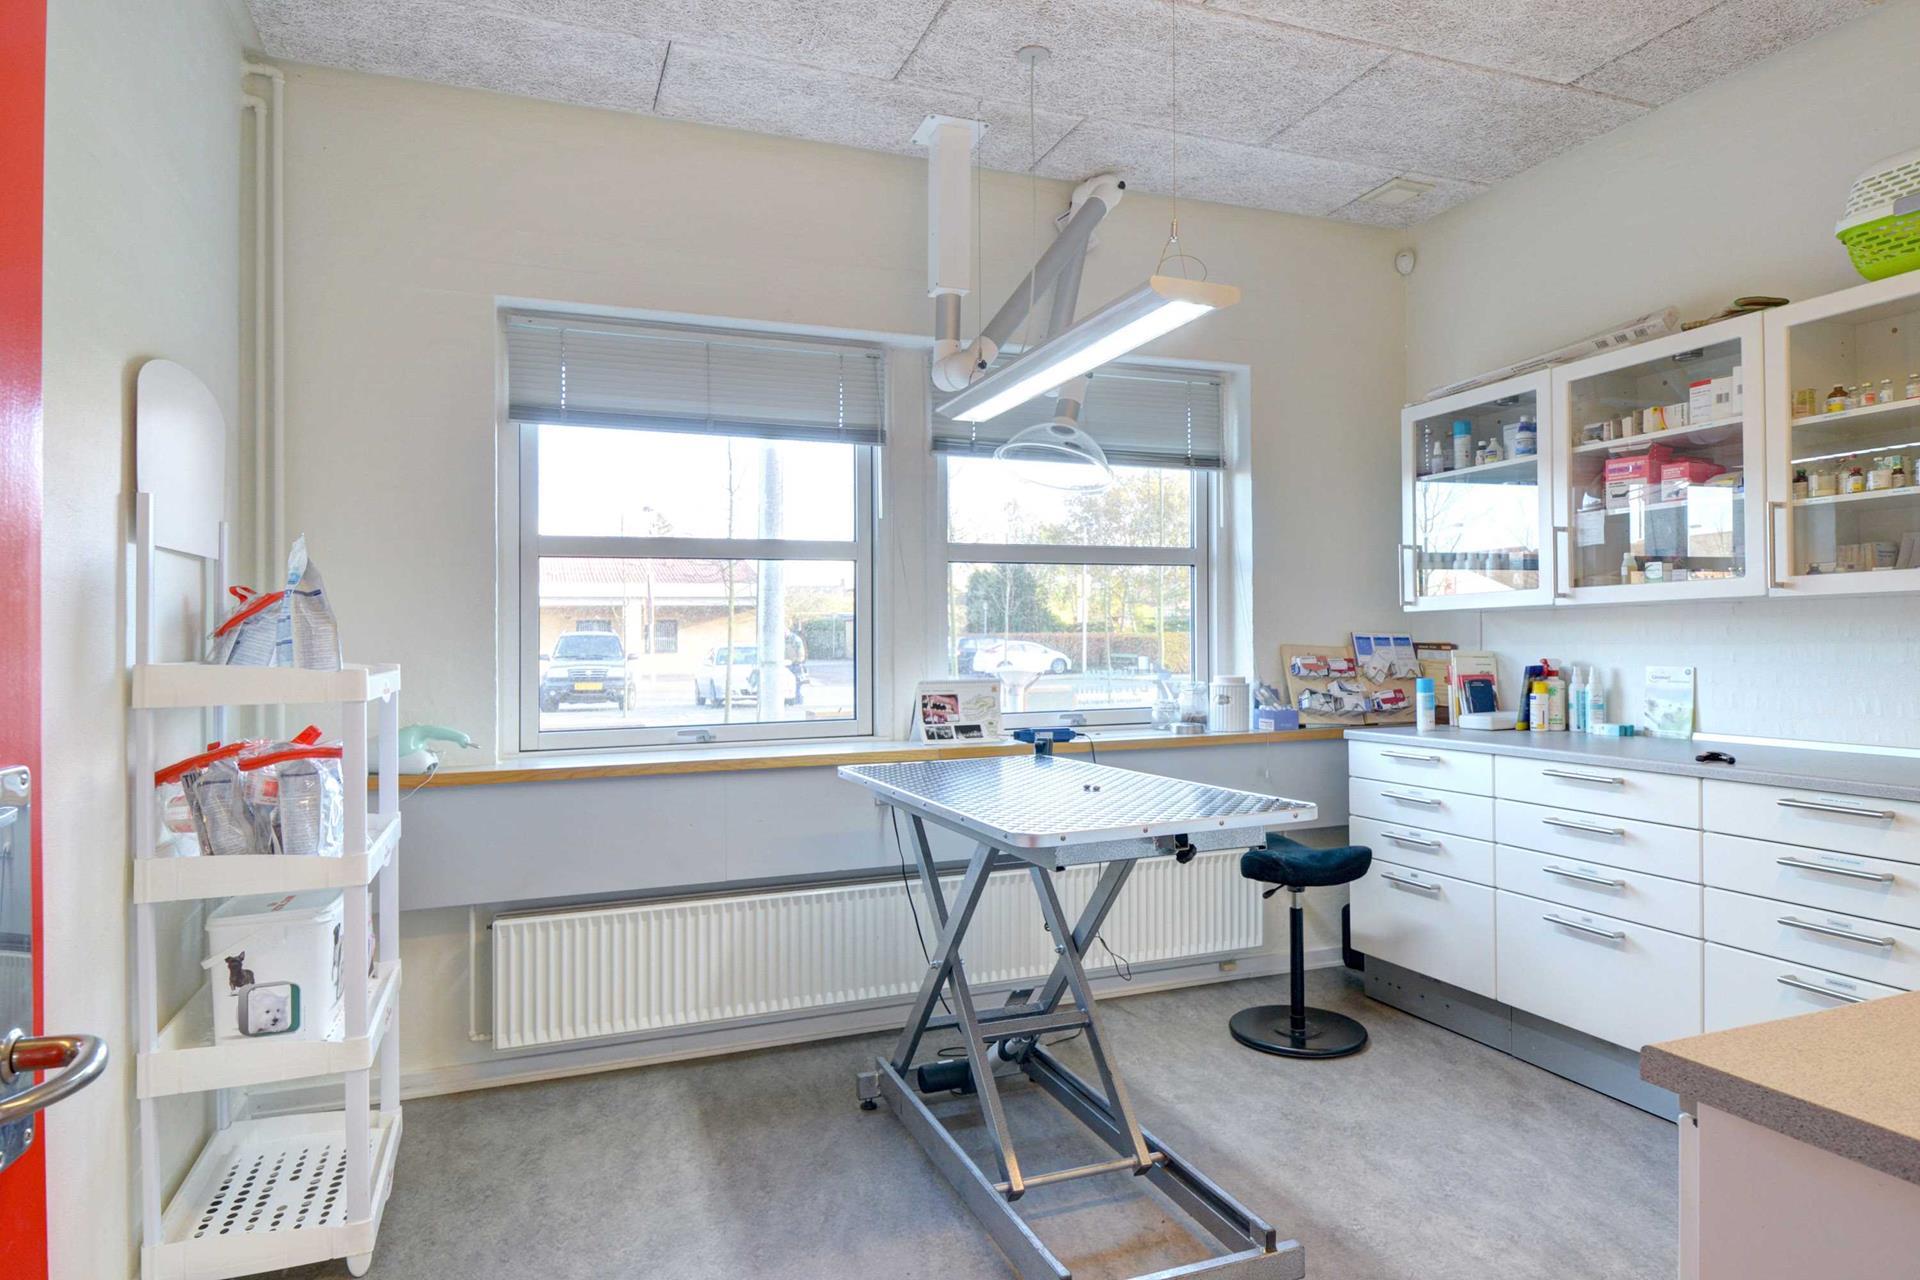 Bolig/erhverv på Torvet i Tistrup - Værksted